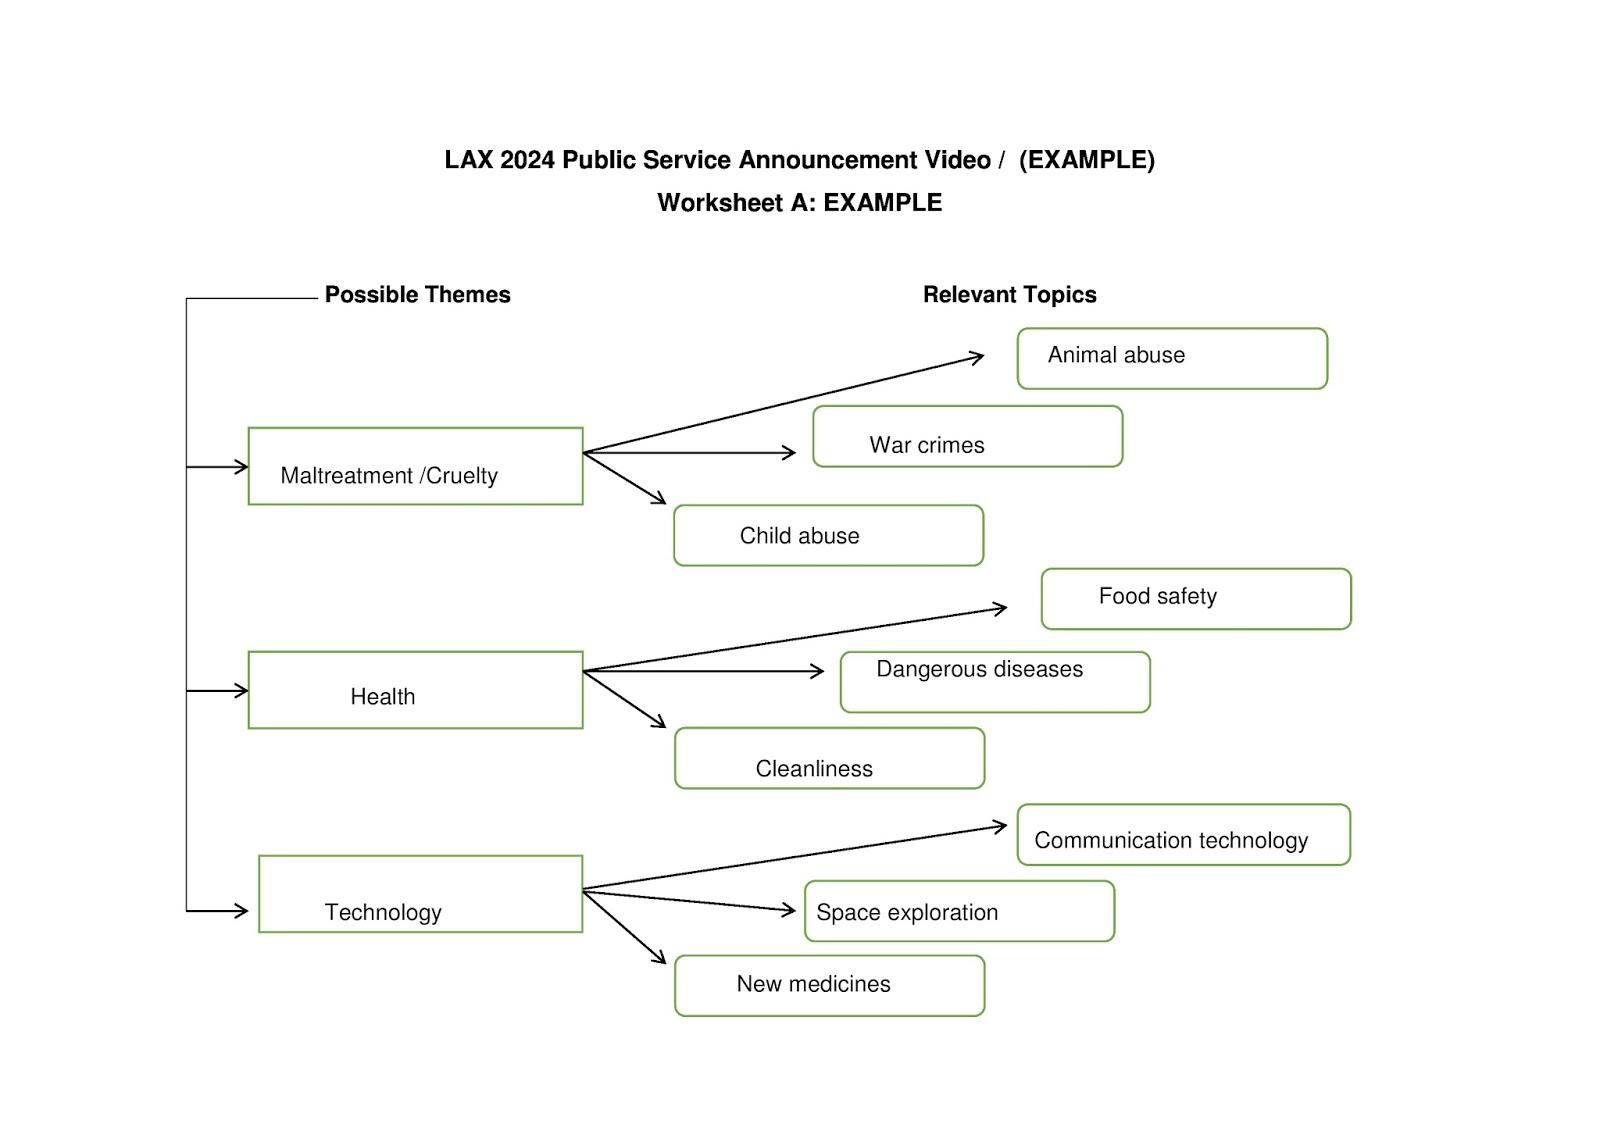 Lax Public Service Announcements Psa Worksheet A